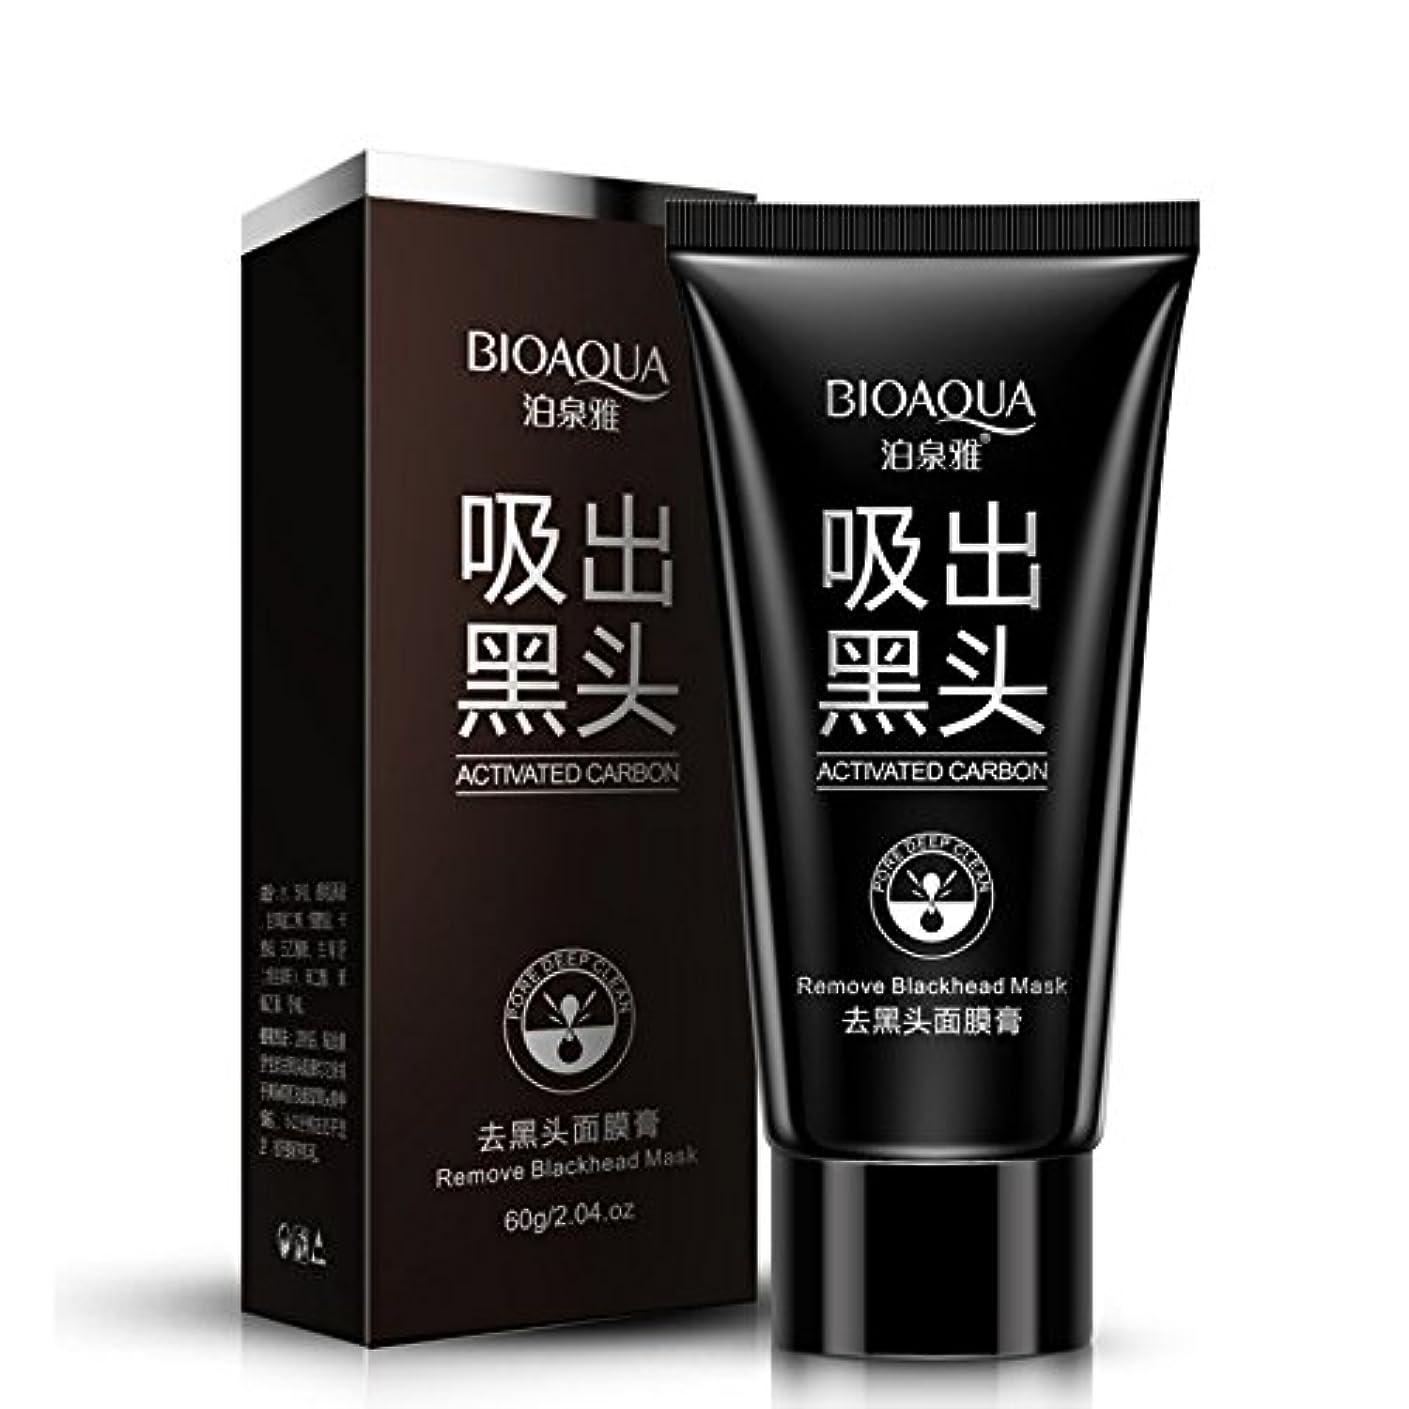 剣柔らかい栄光のSuction Black Mask Shrink Black Head Spots Pores,Face Mask Blackhead Removal Blackheads Cosmetics Facials Moisturizing...